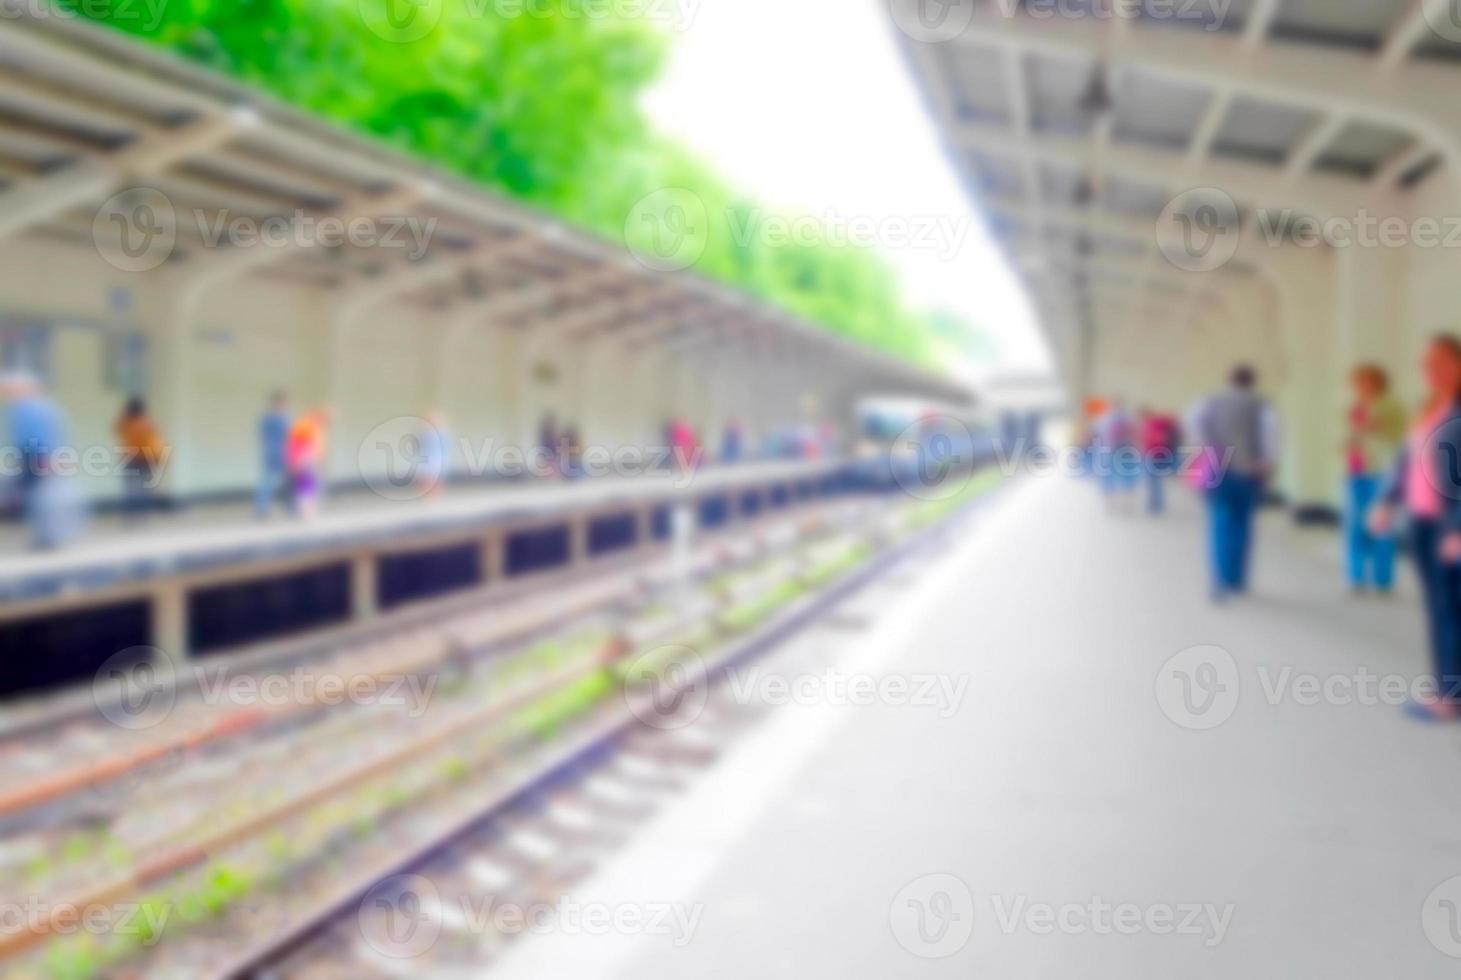 personnes floues sur la plate-forme de métro photo